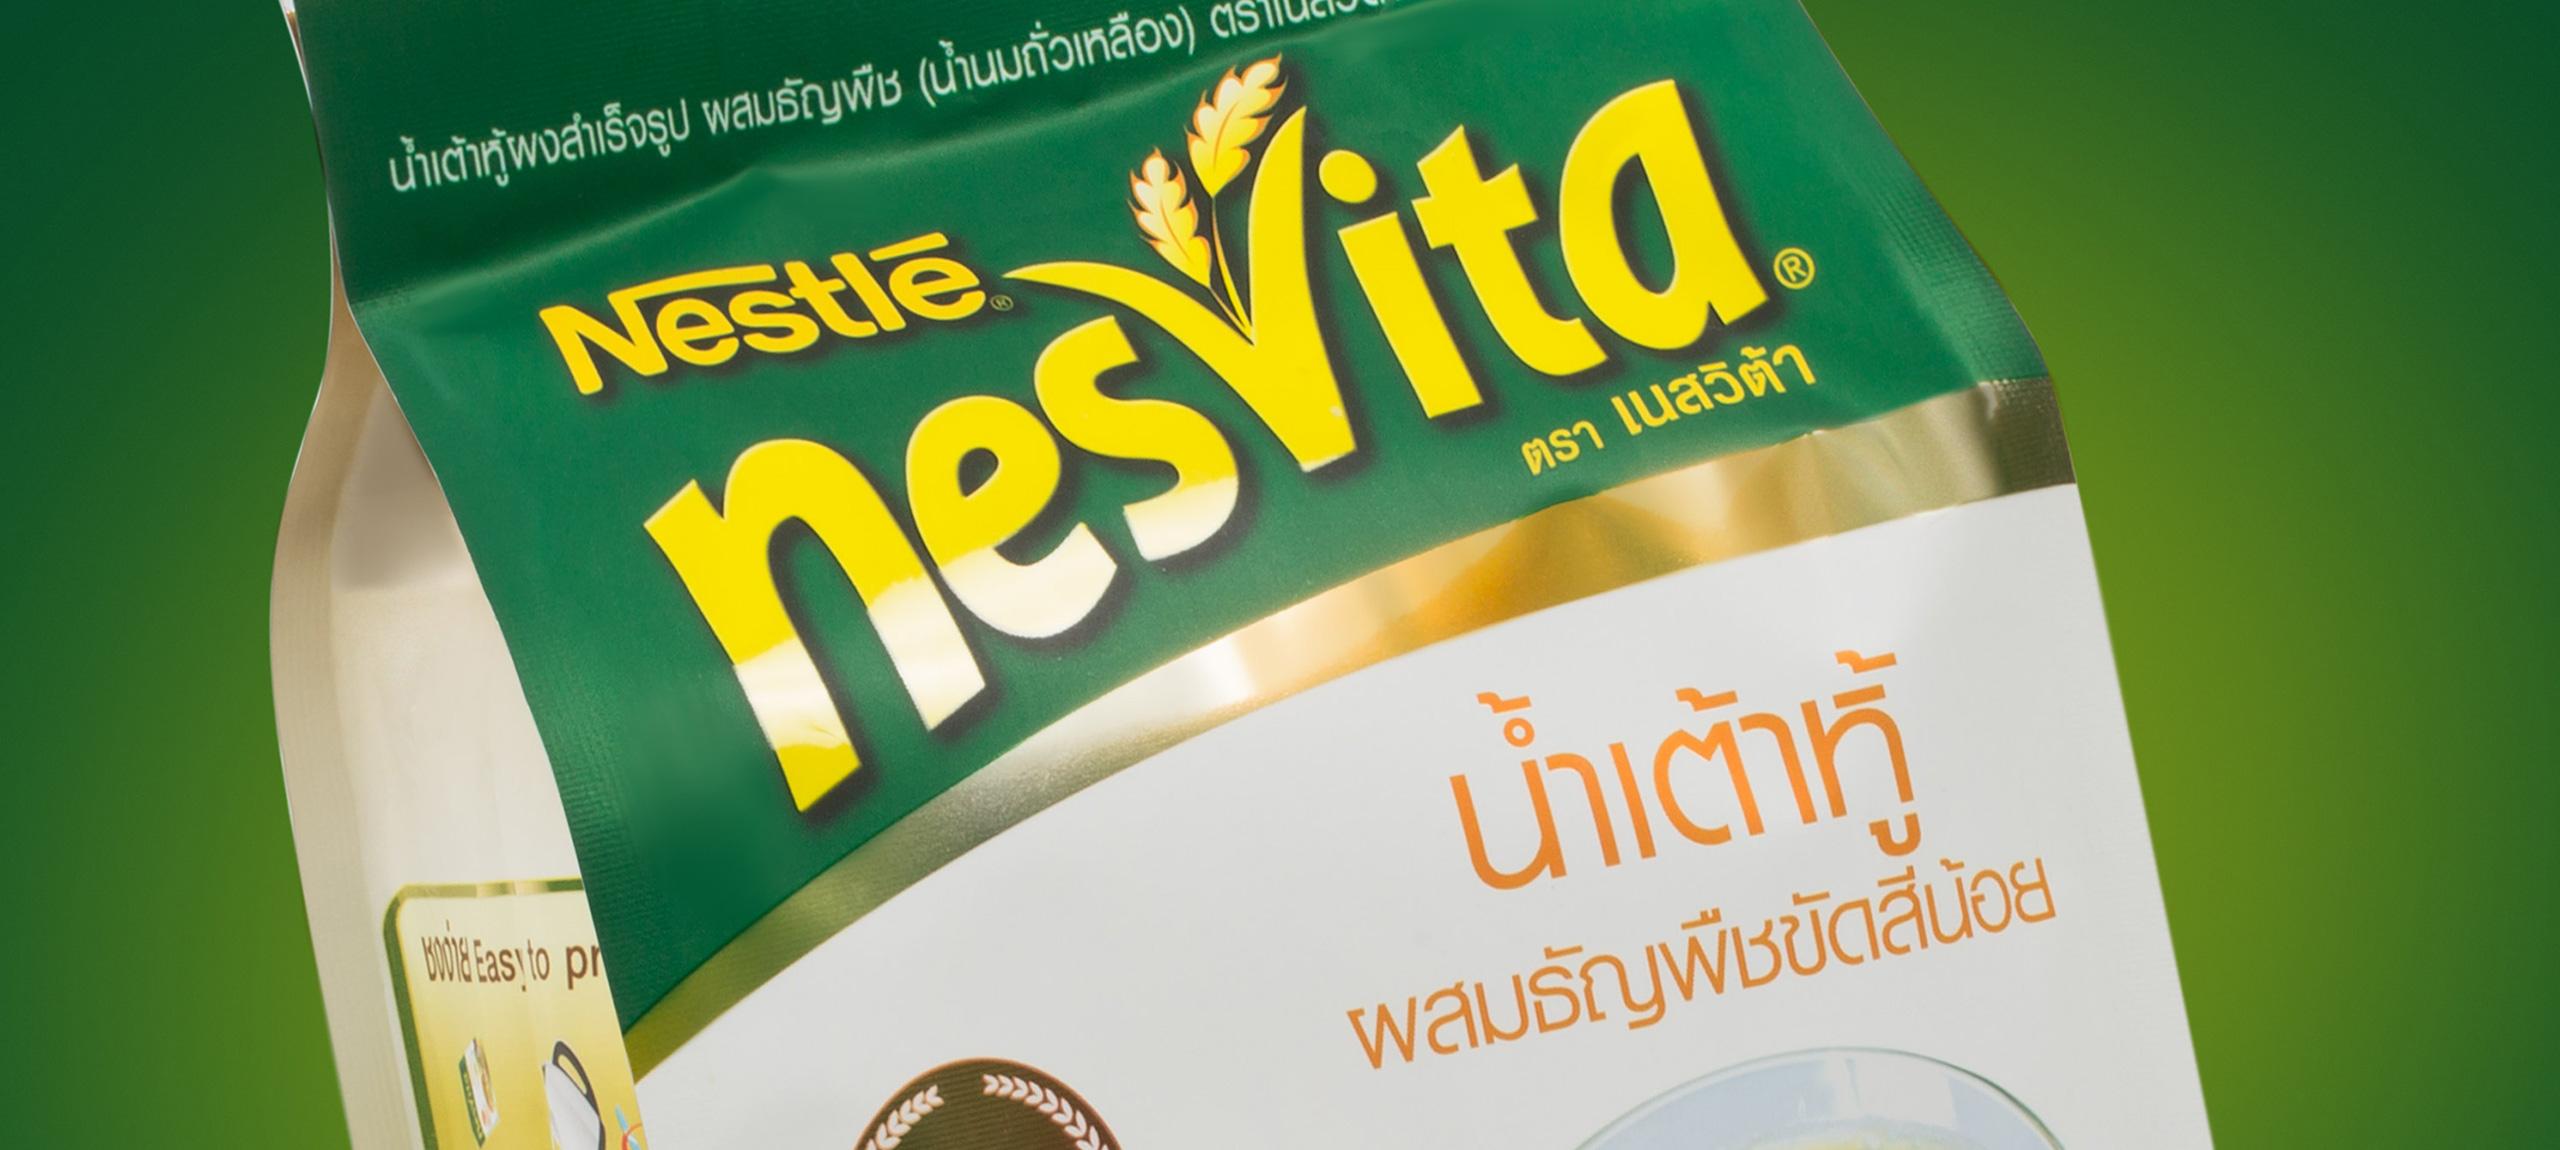 Nestle Nesvita Packaging Design Banner